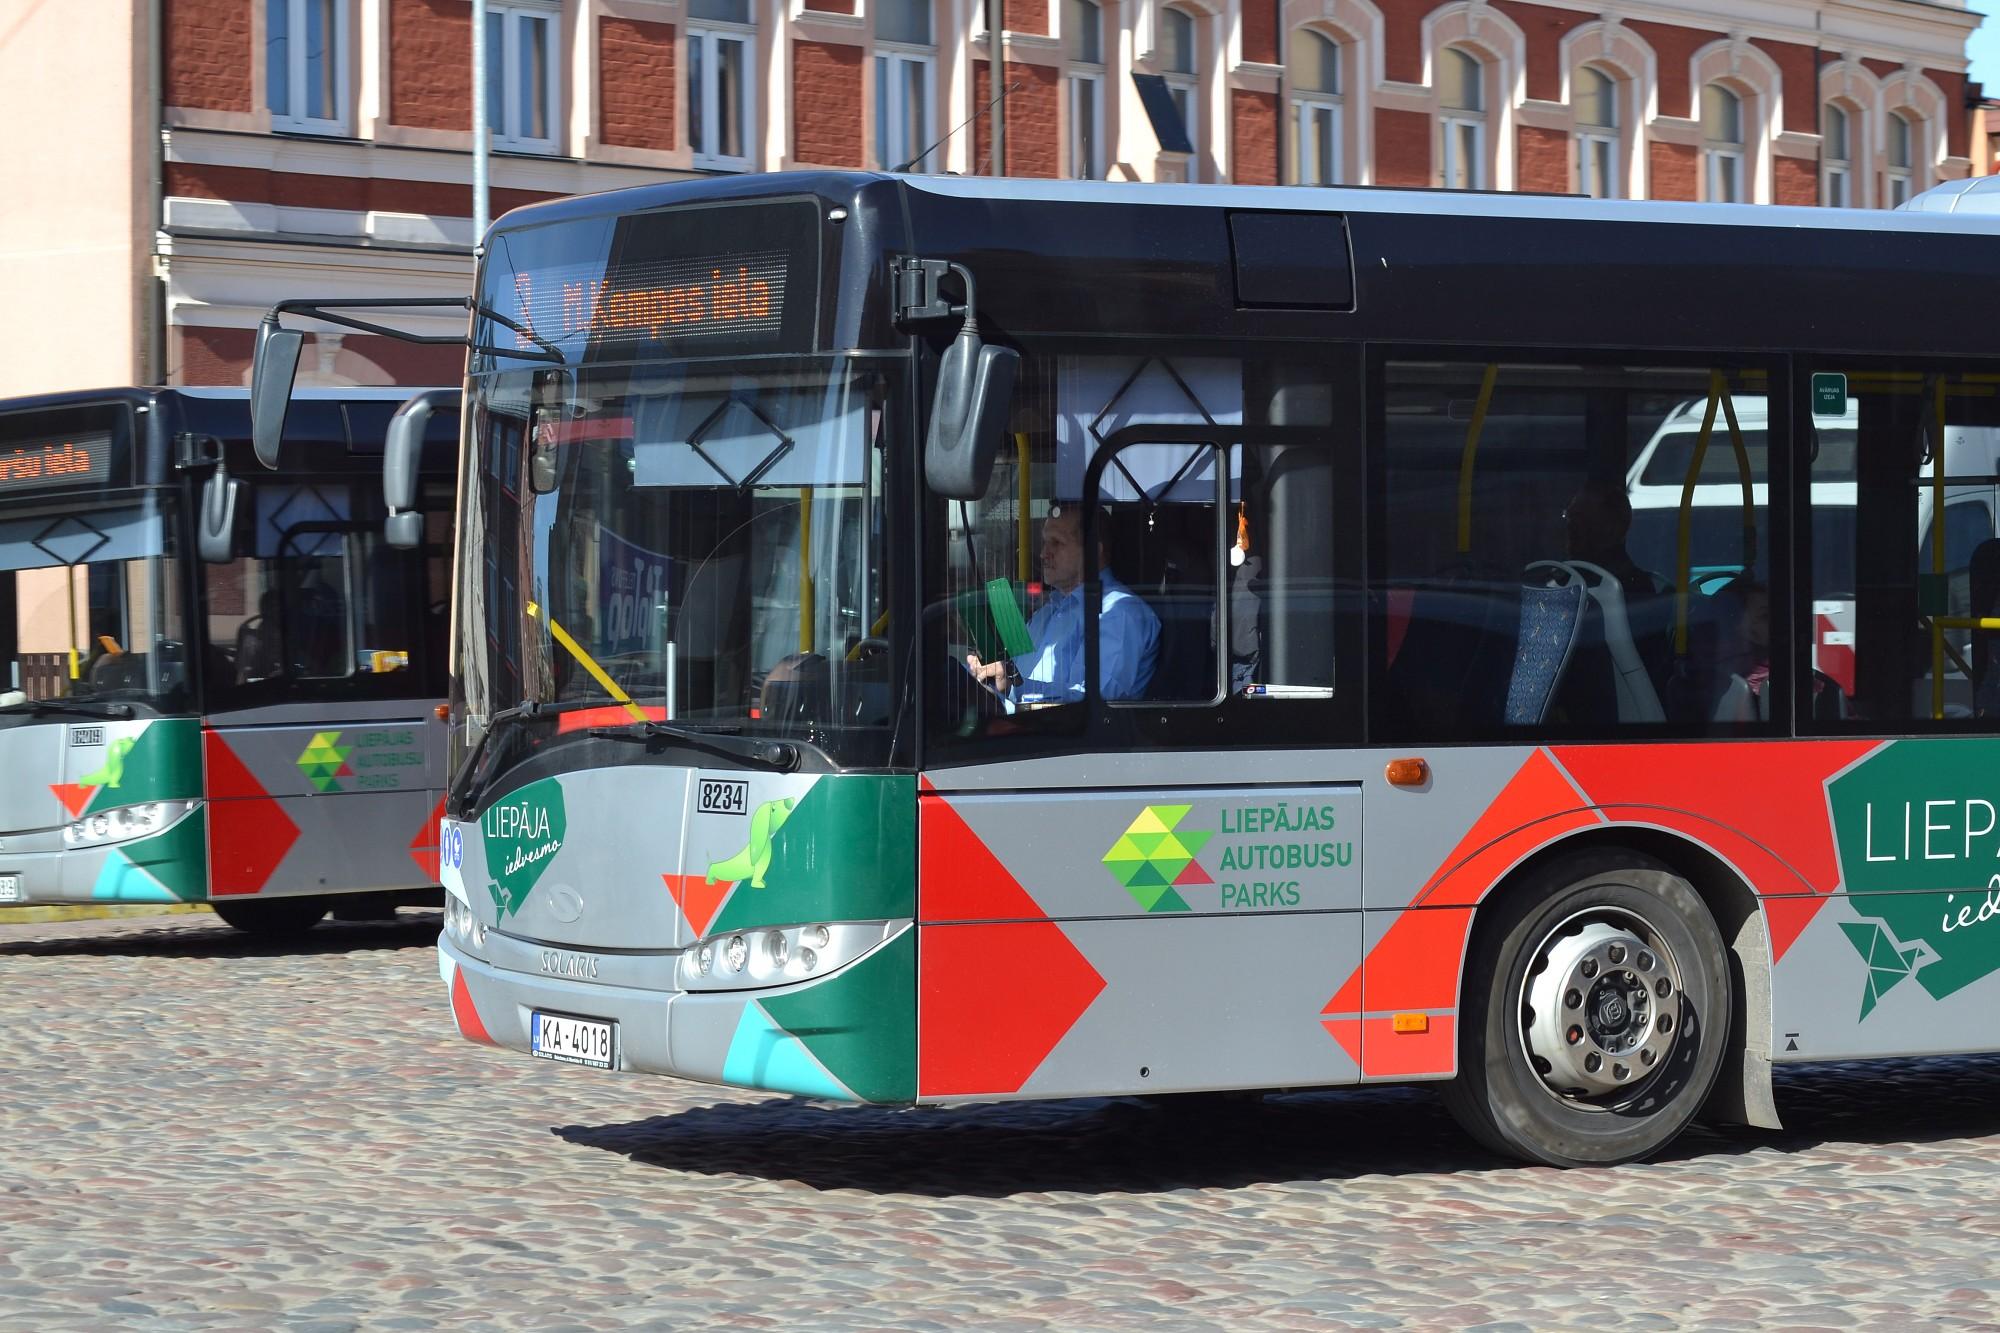 8. maršruta autobusi sāks kursēt pēc pavasara kustības saraksta